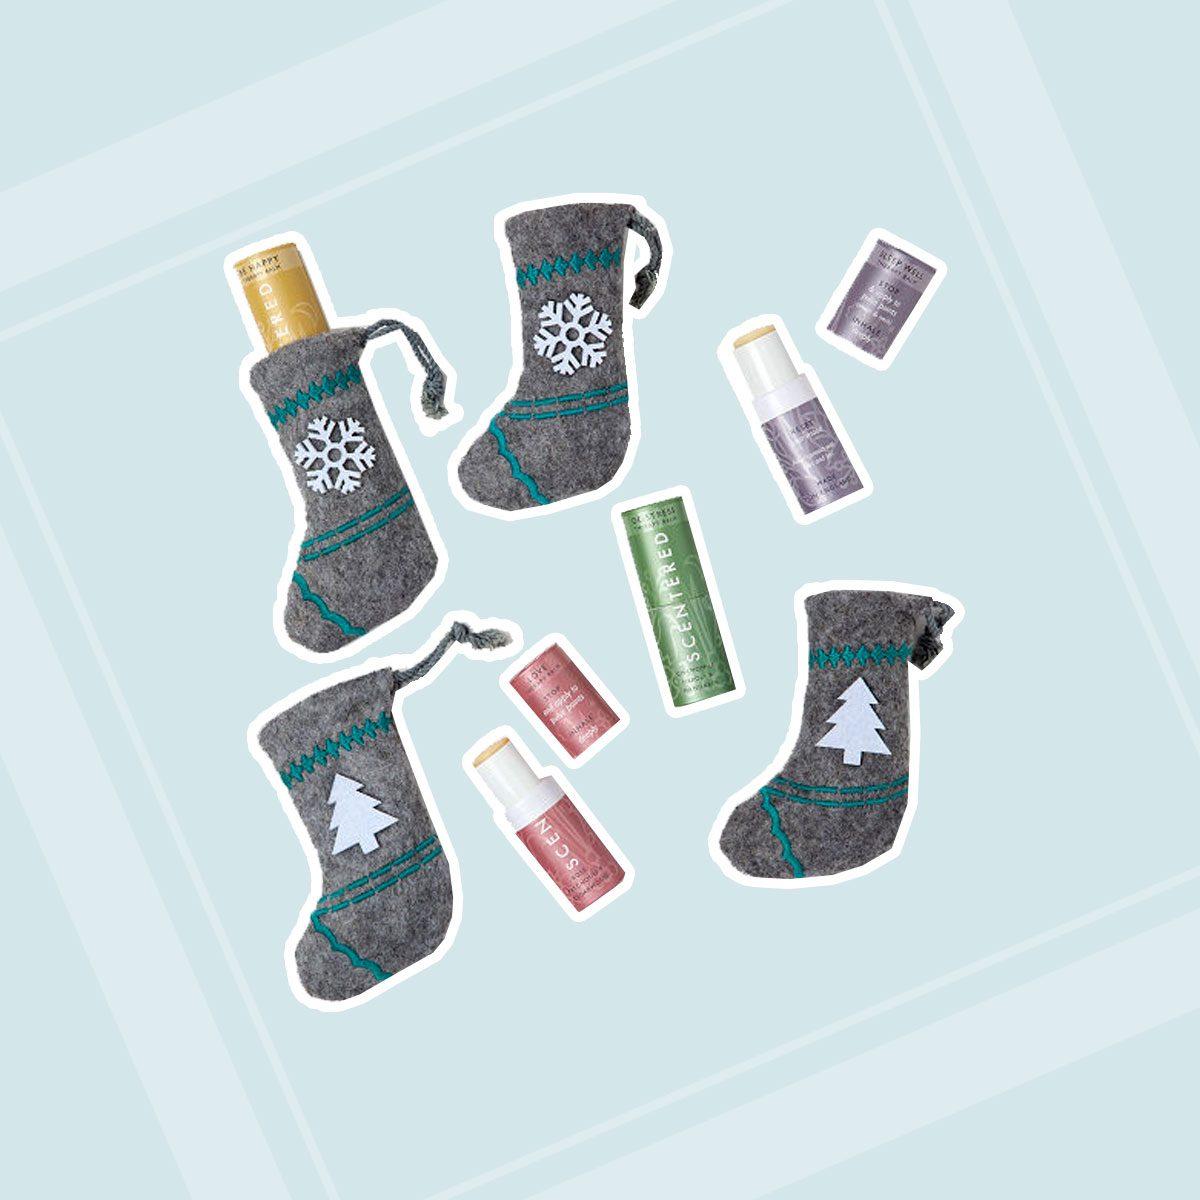 Aromatherapy Balm Stocking Stuffer & Ornament